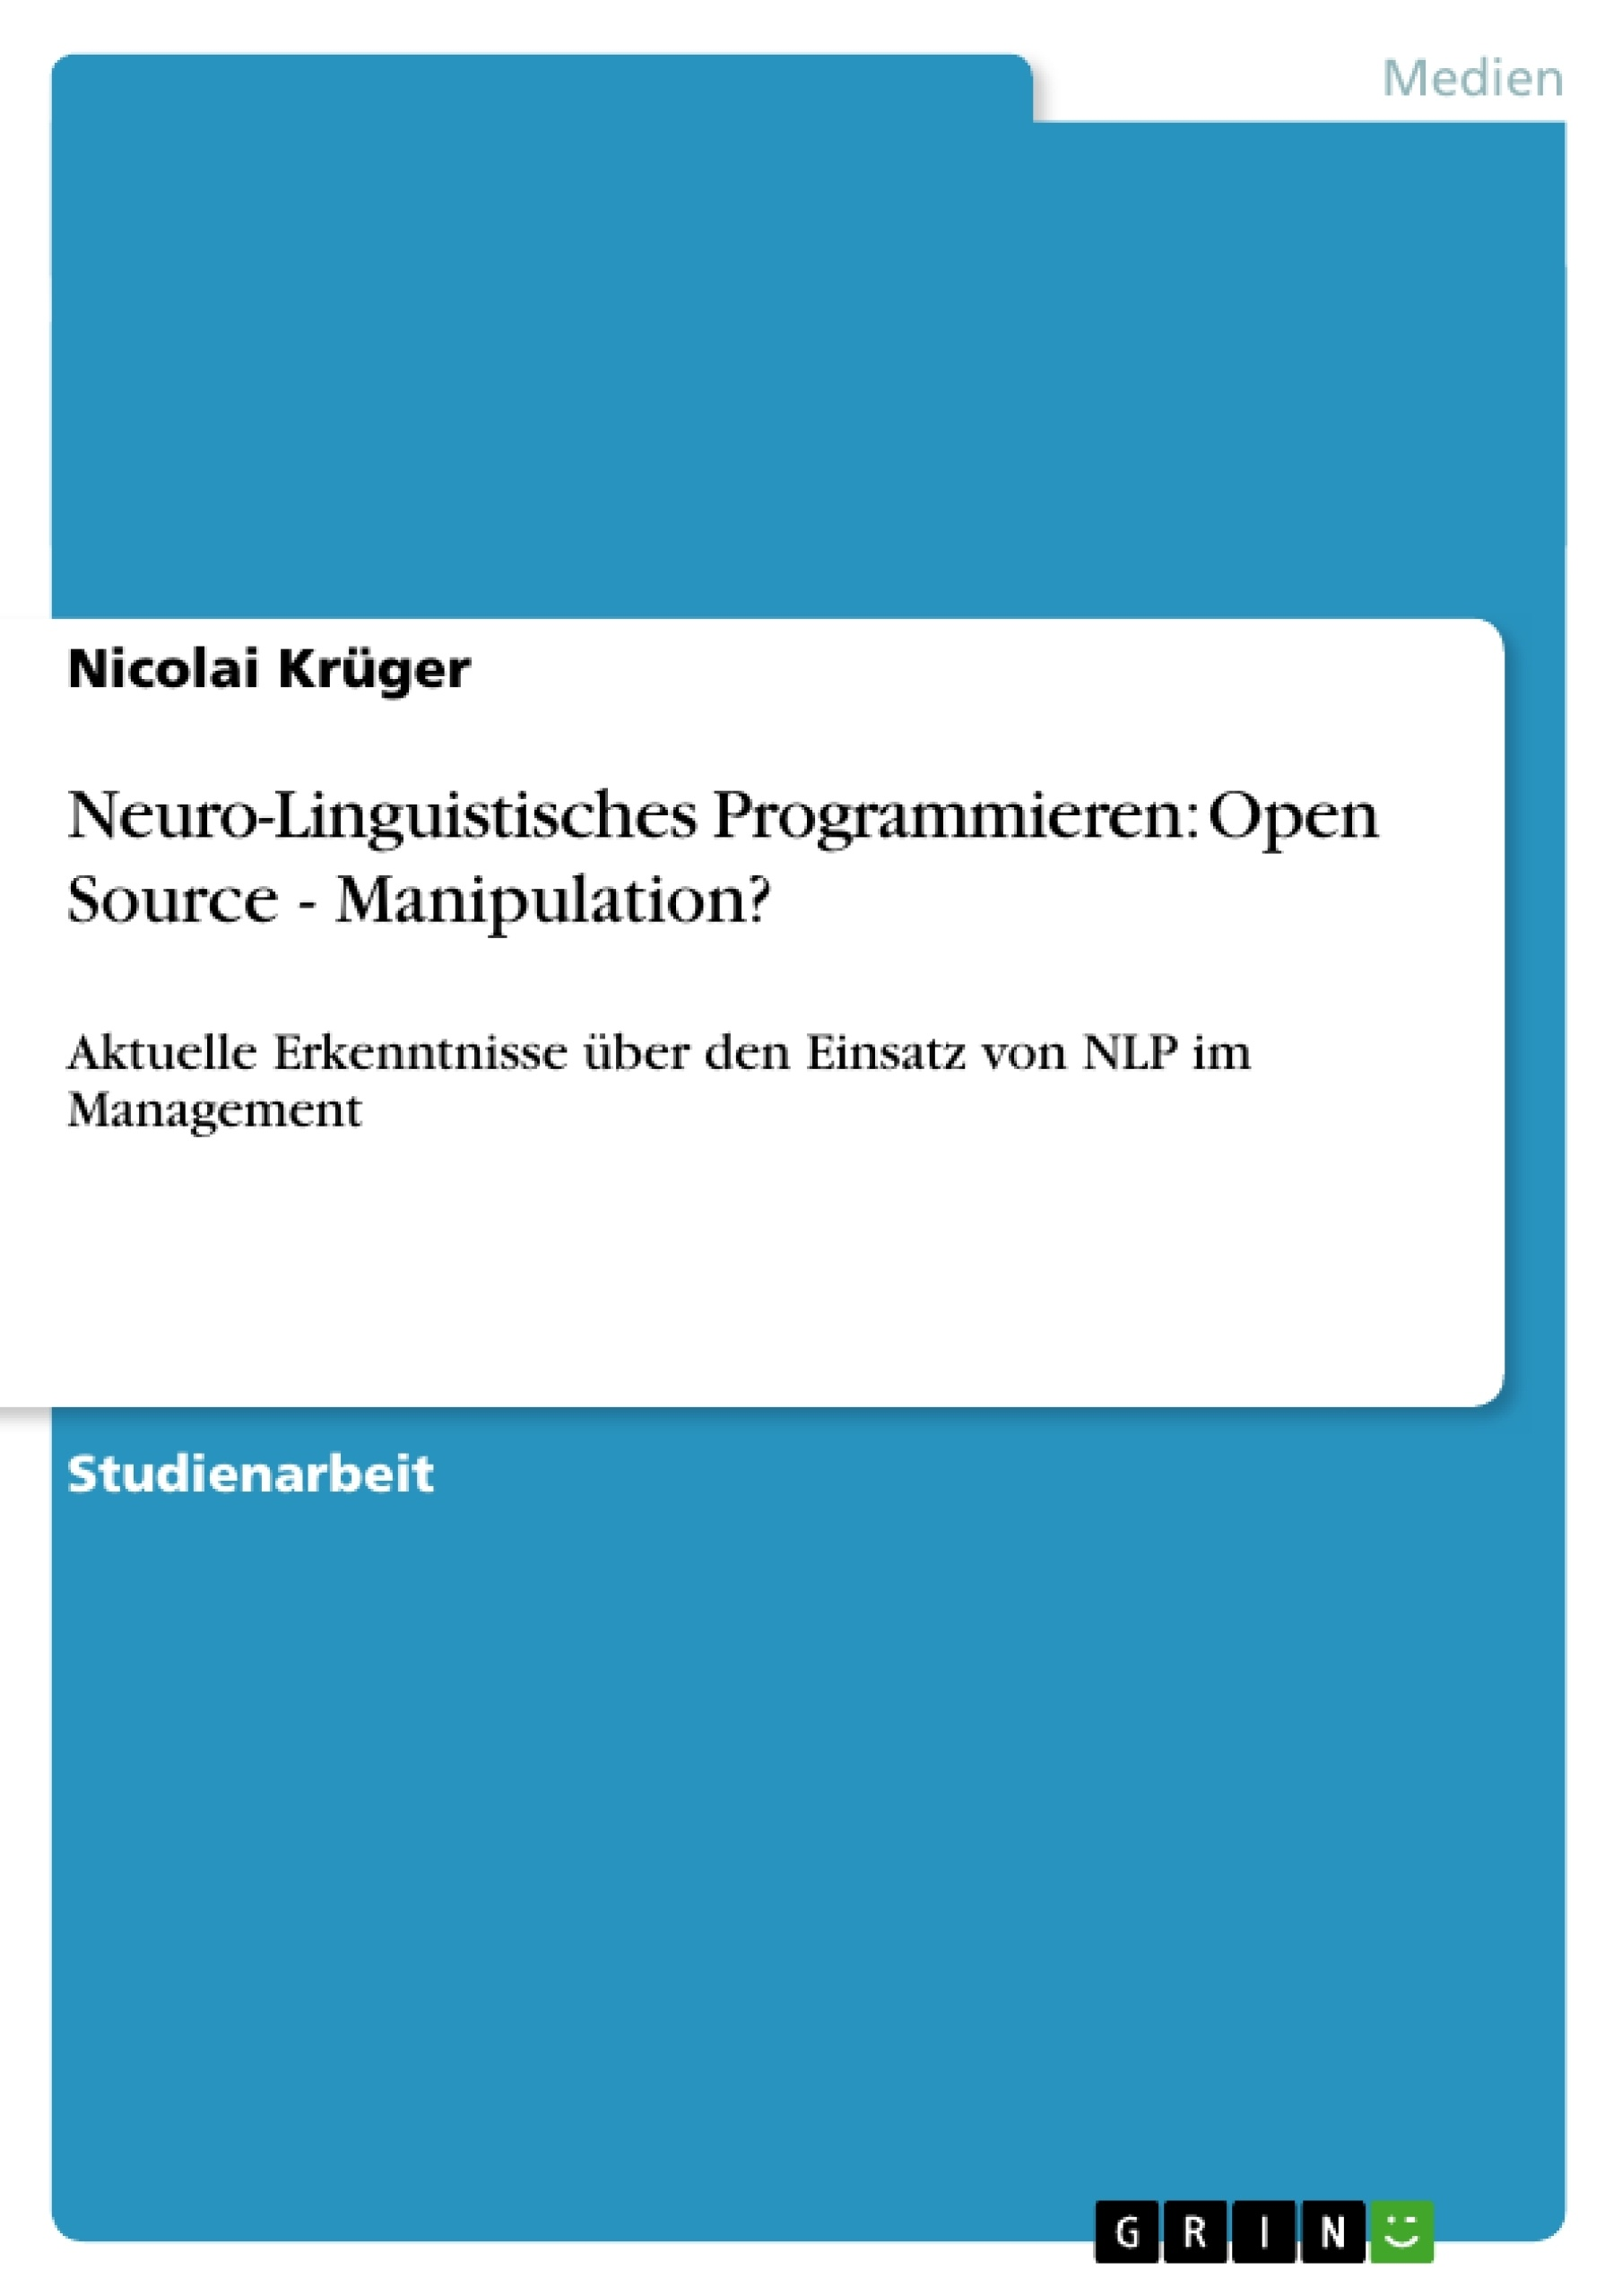 Titel: Neuro-Linguistisches Programmieren:  Open Source - Manipulation?